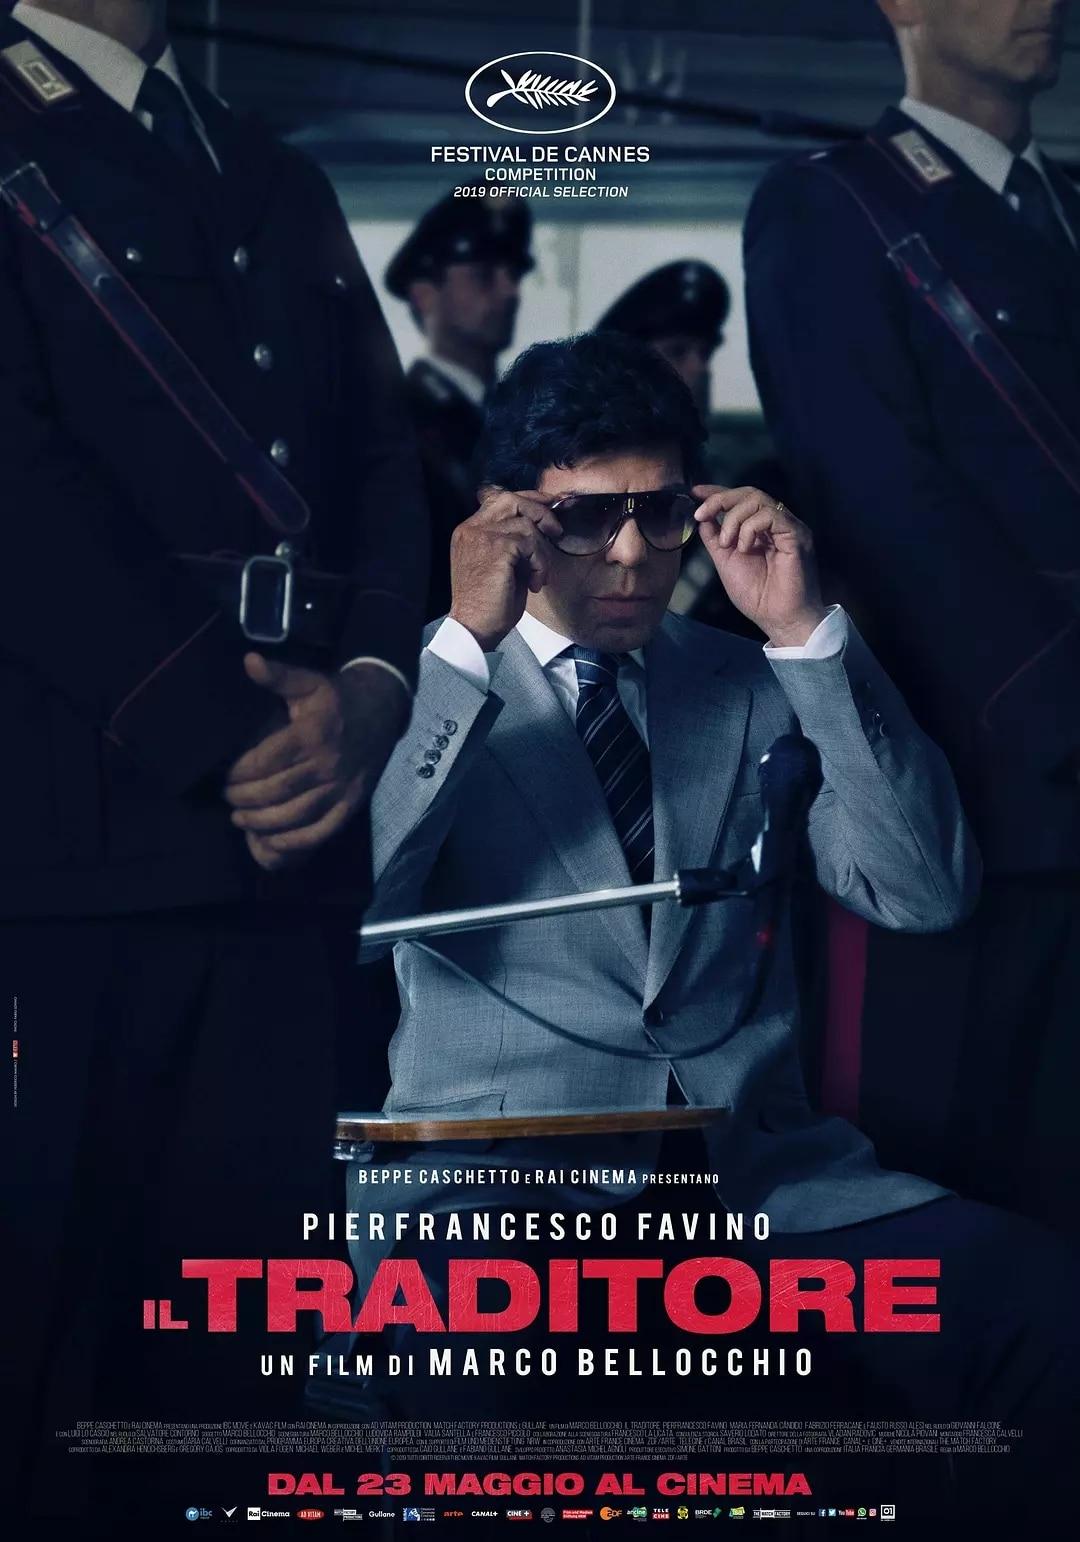 叛徒 [提名第72届戛纳电影节主竞赛单元金棕榈奖]